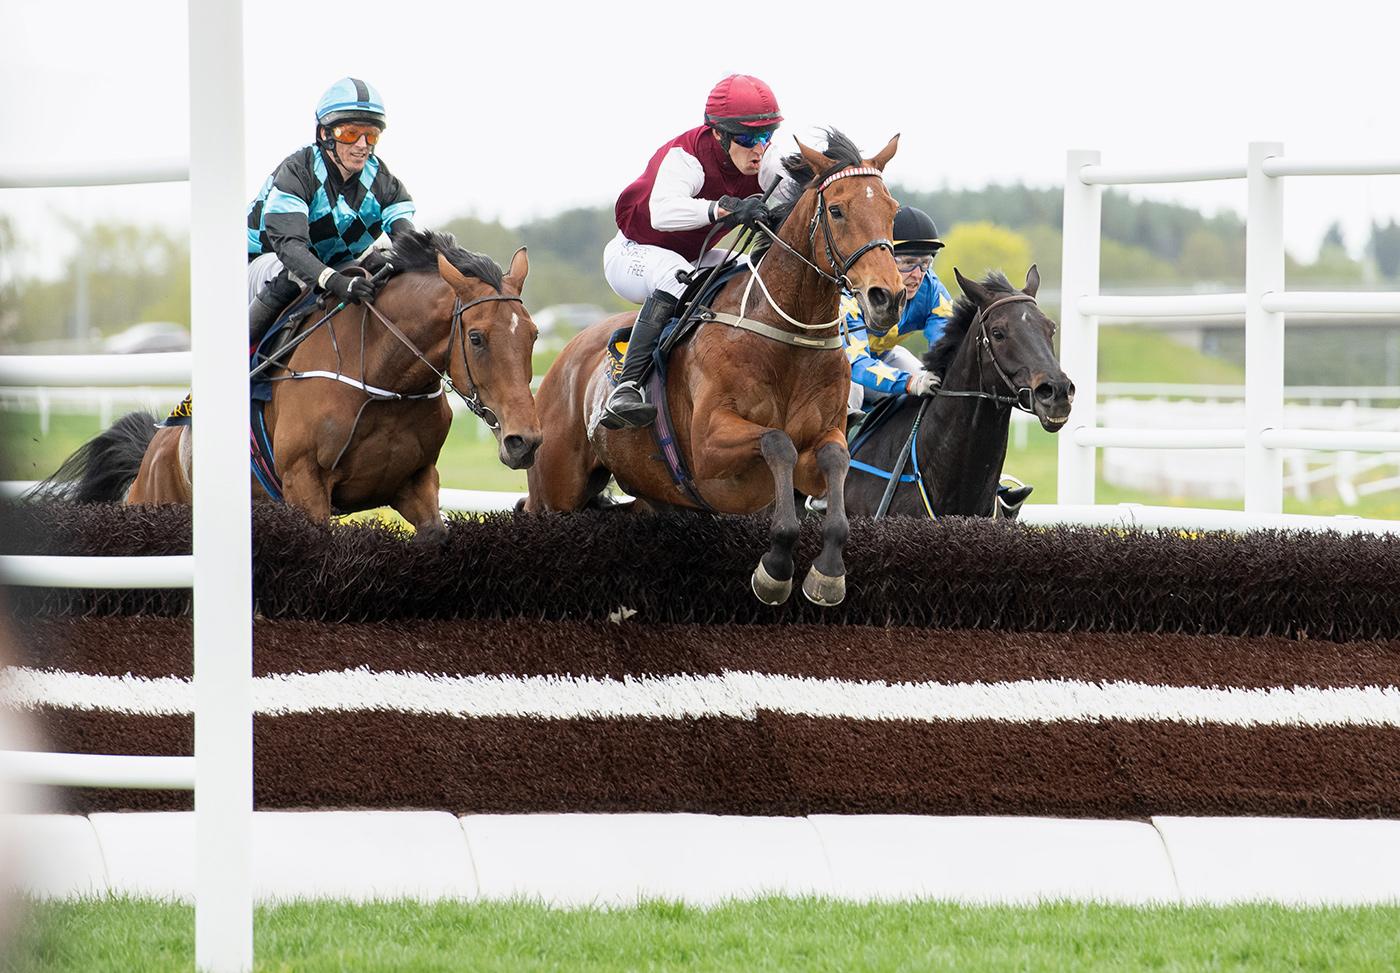 Mutadaffeq och Niklas Lovén hoppar sista hindret innan målgång. Bro Park 210519 Foto: Elina Björklund / Svensk Galopp